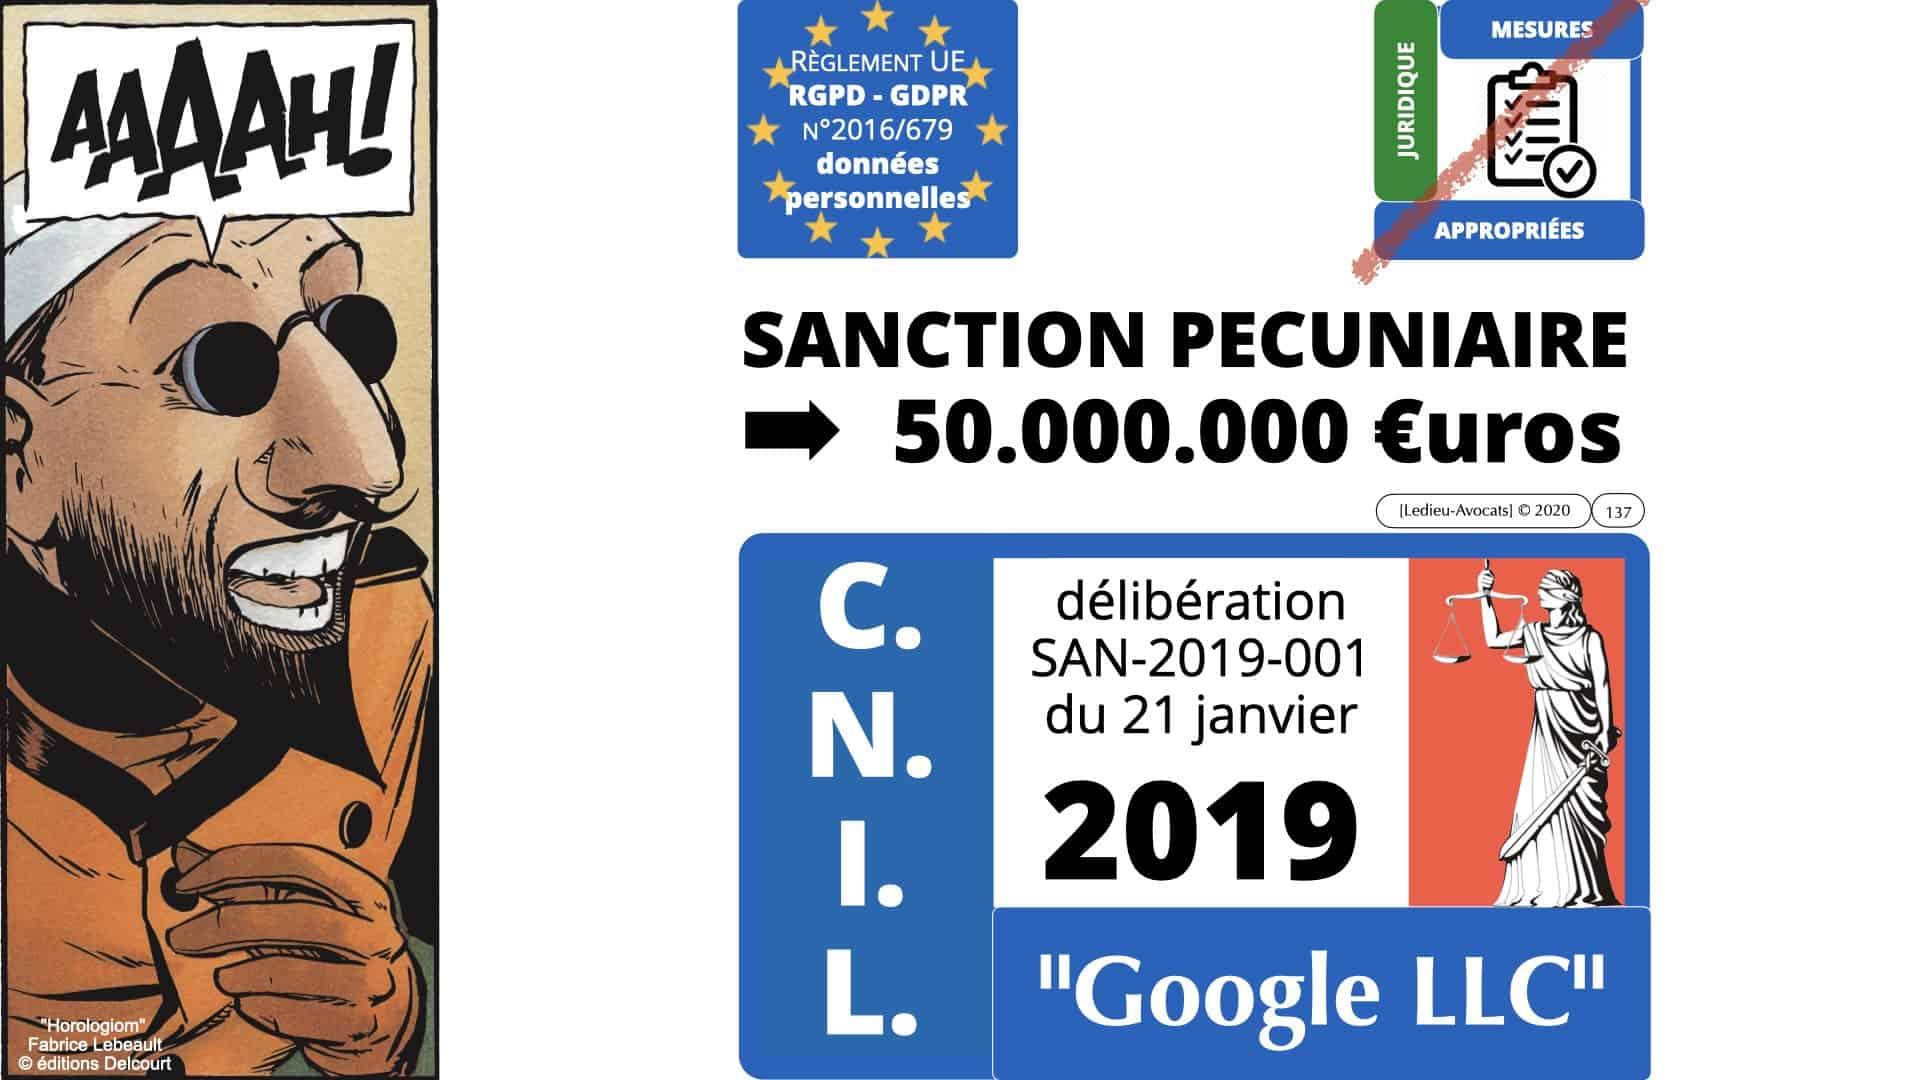 RGPD e-Privacy données personnelles jurisprudence formation Lamy Les Echos 10-02-2021 ©Ledieu-Avocats.137